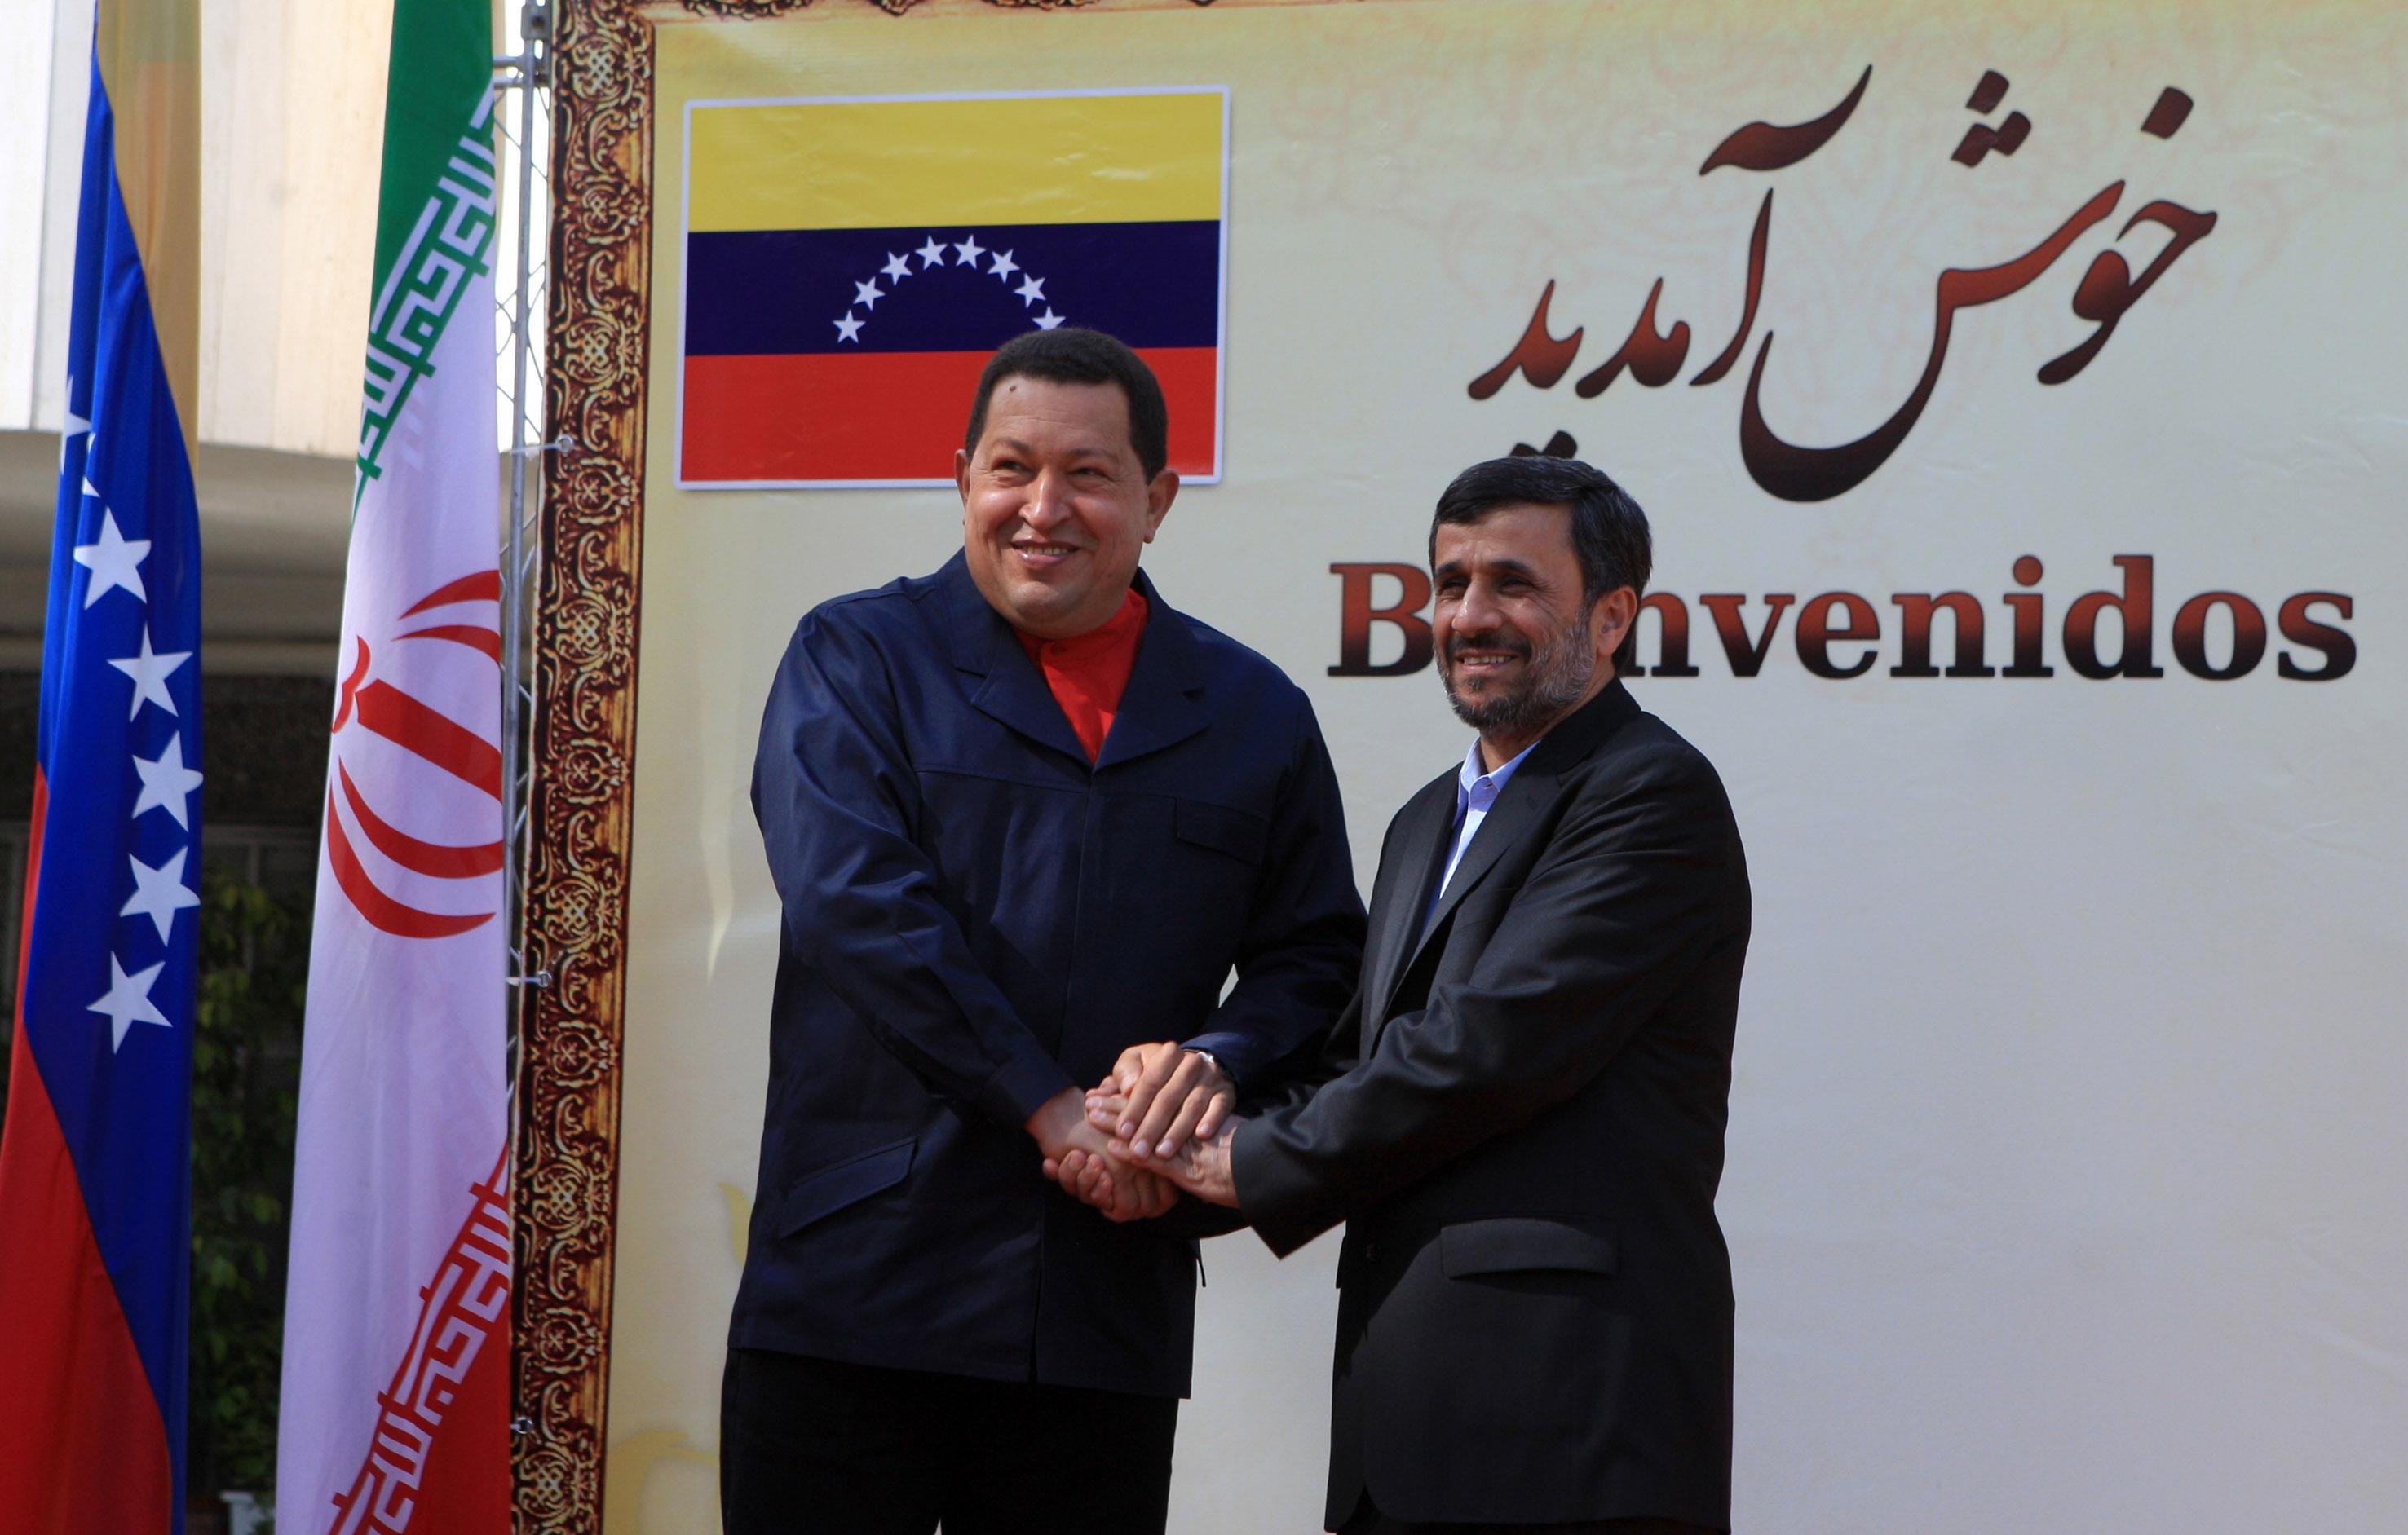 Khatami and Chavez